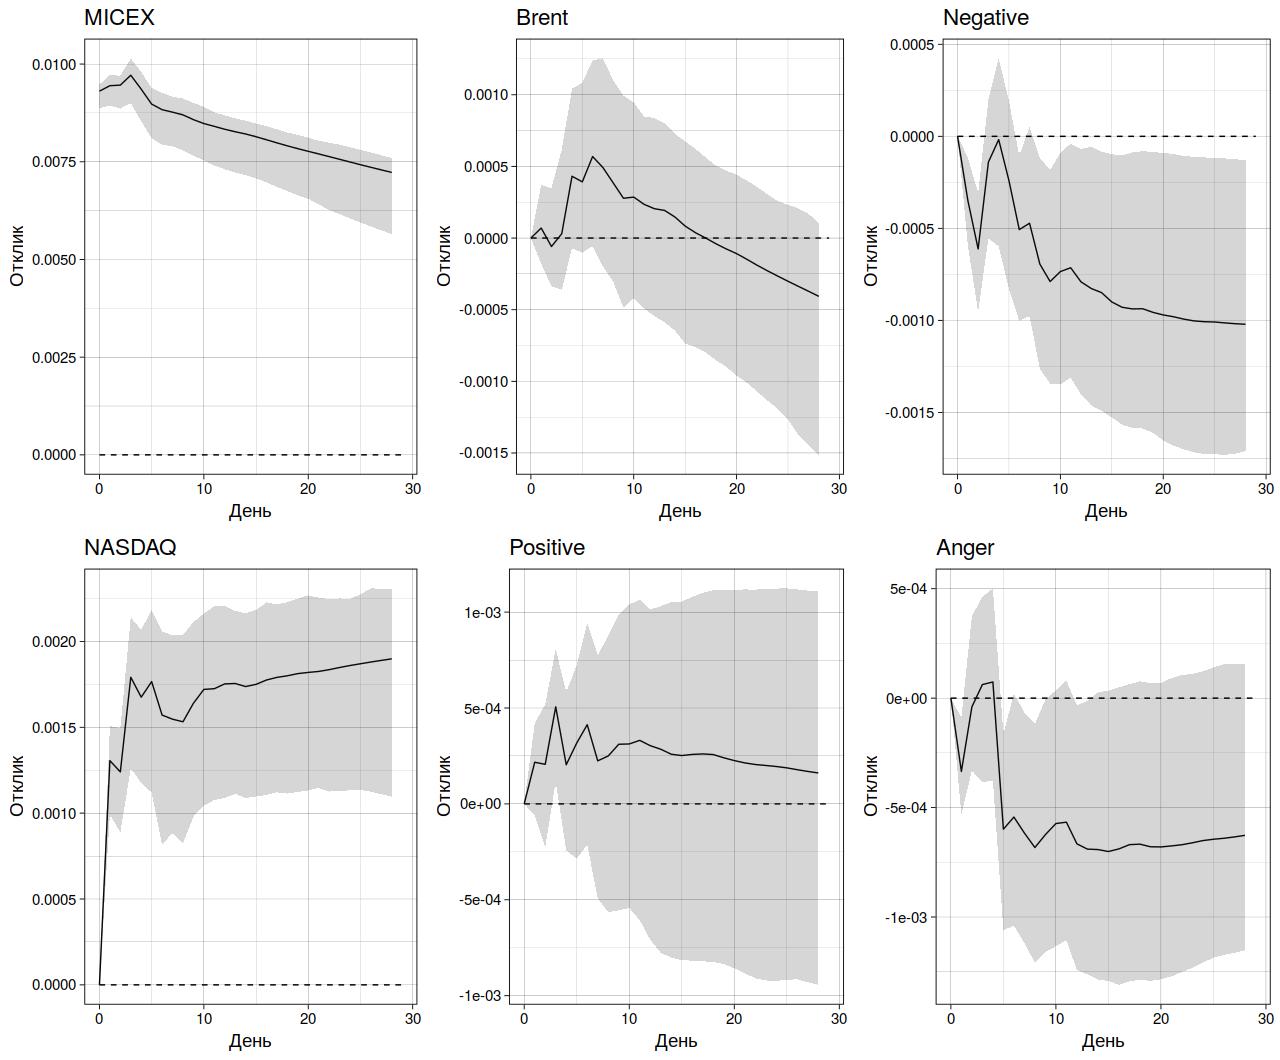 Рис. 3. Функции импульсного отклика фондового индекса МосБиржи (MICEX) для VAR-модели, включающей сентименты из словаря NRC (затемненная область – 95%-ный доверительный интервал)